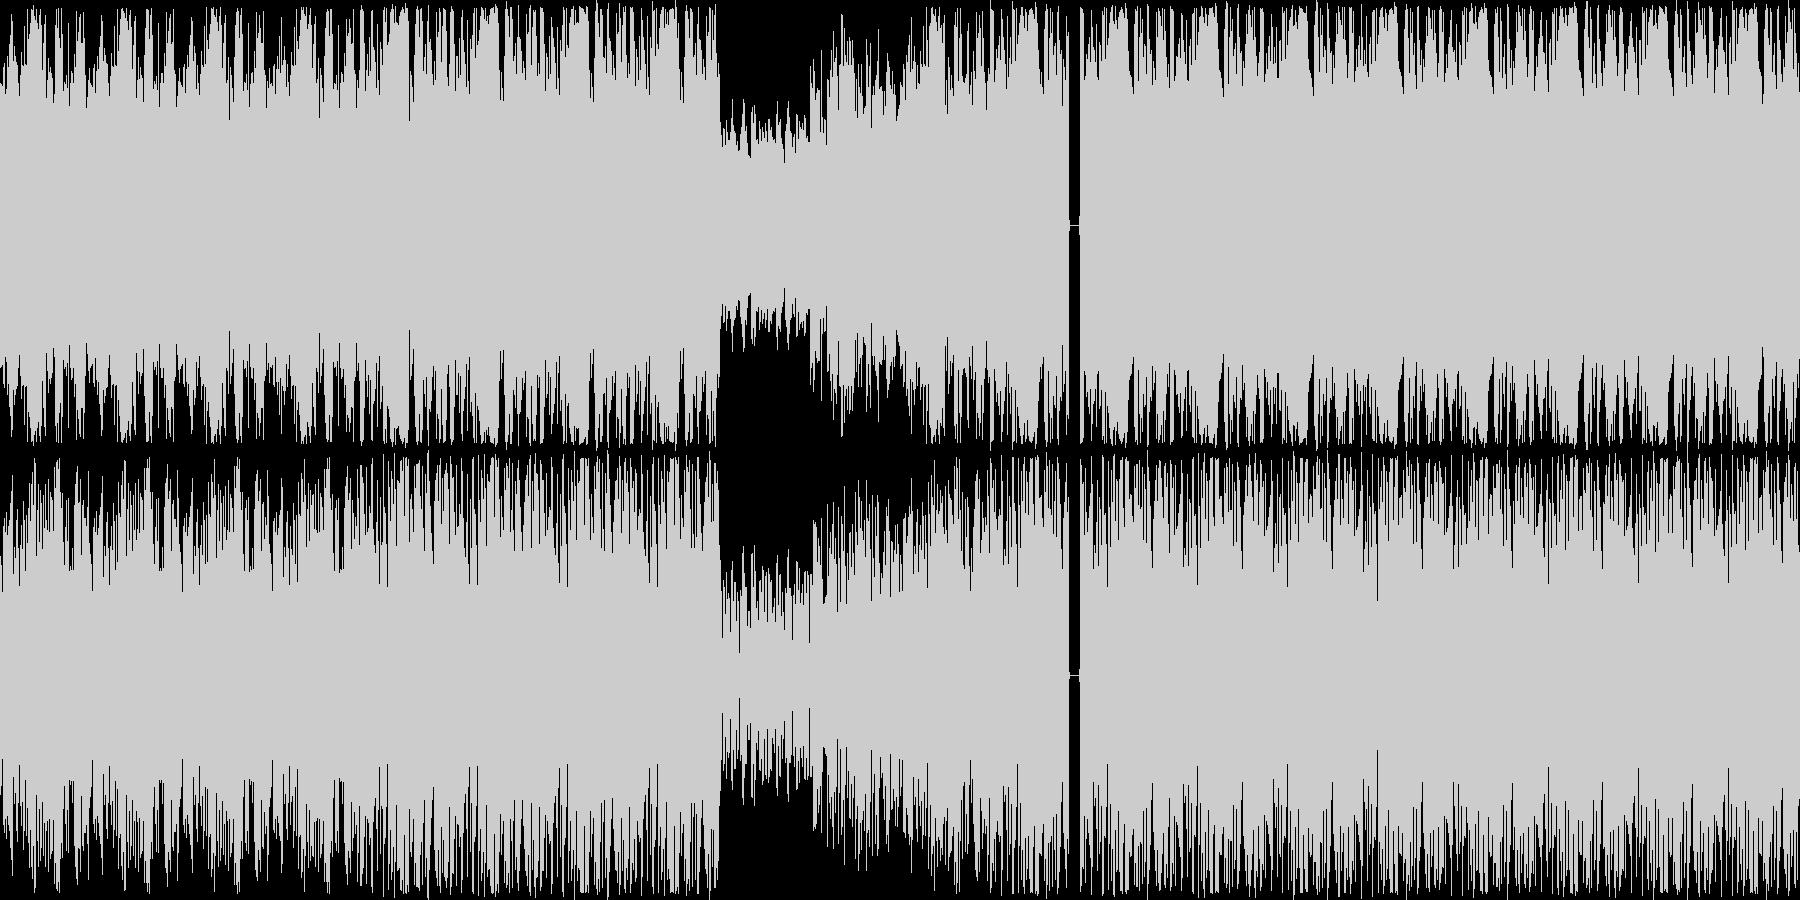 【スタイリッシュ/知的/フレンチハウス】の未再生の波形